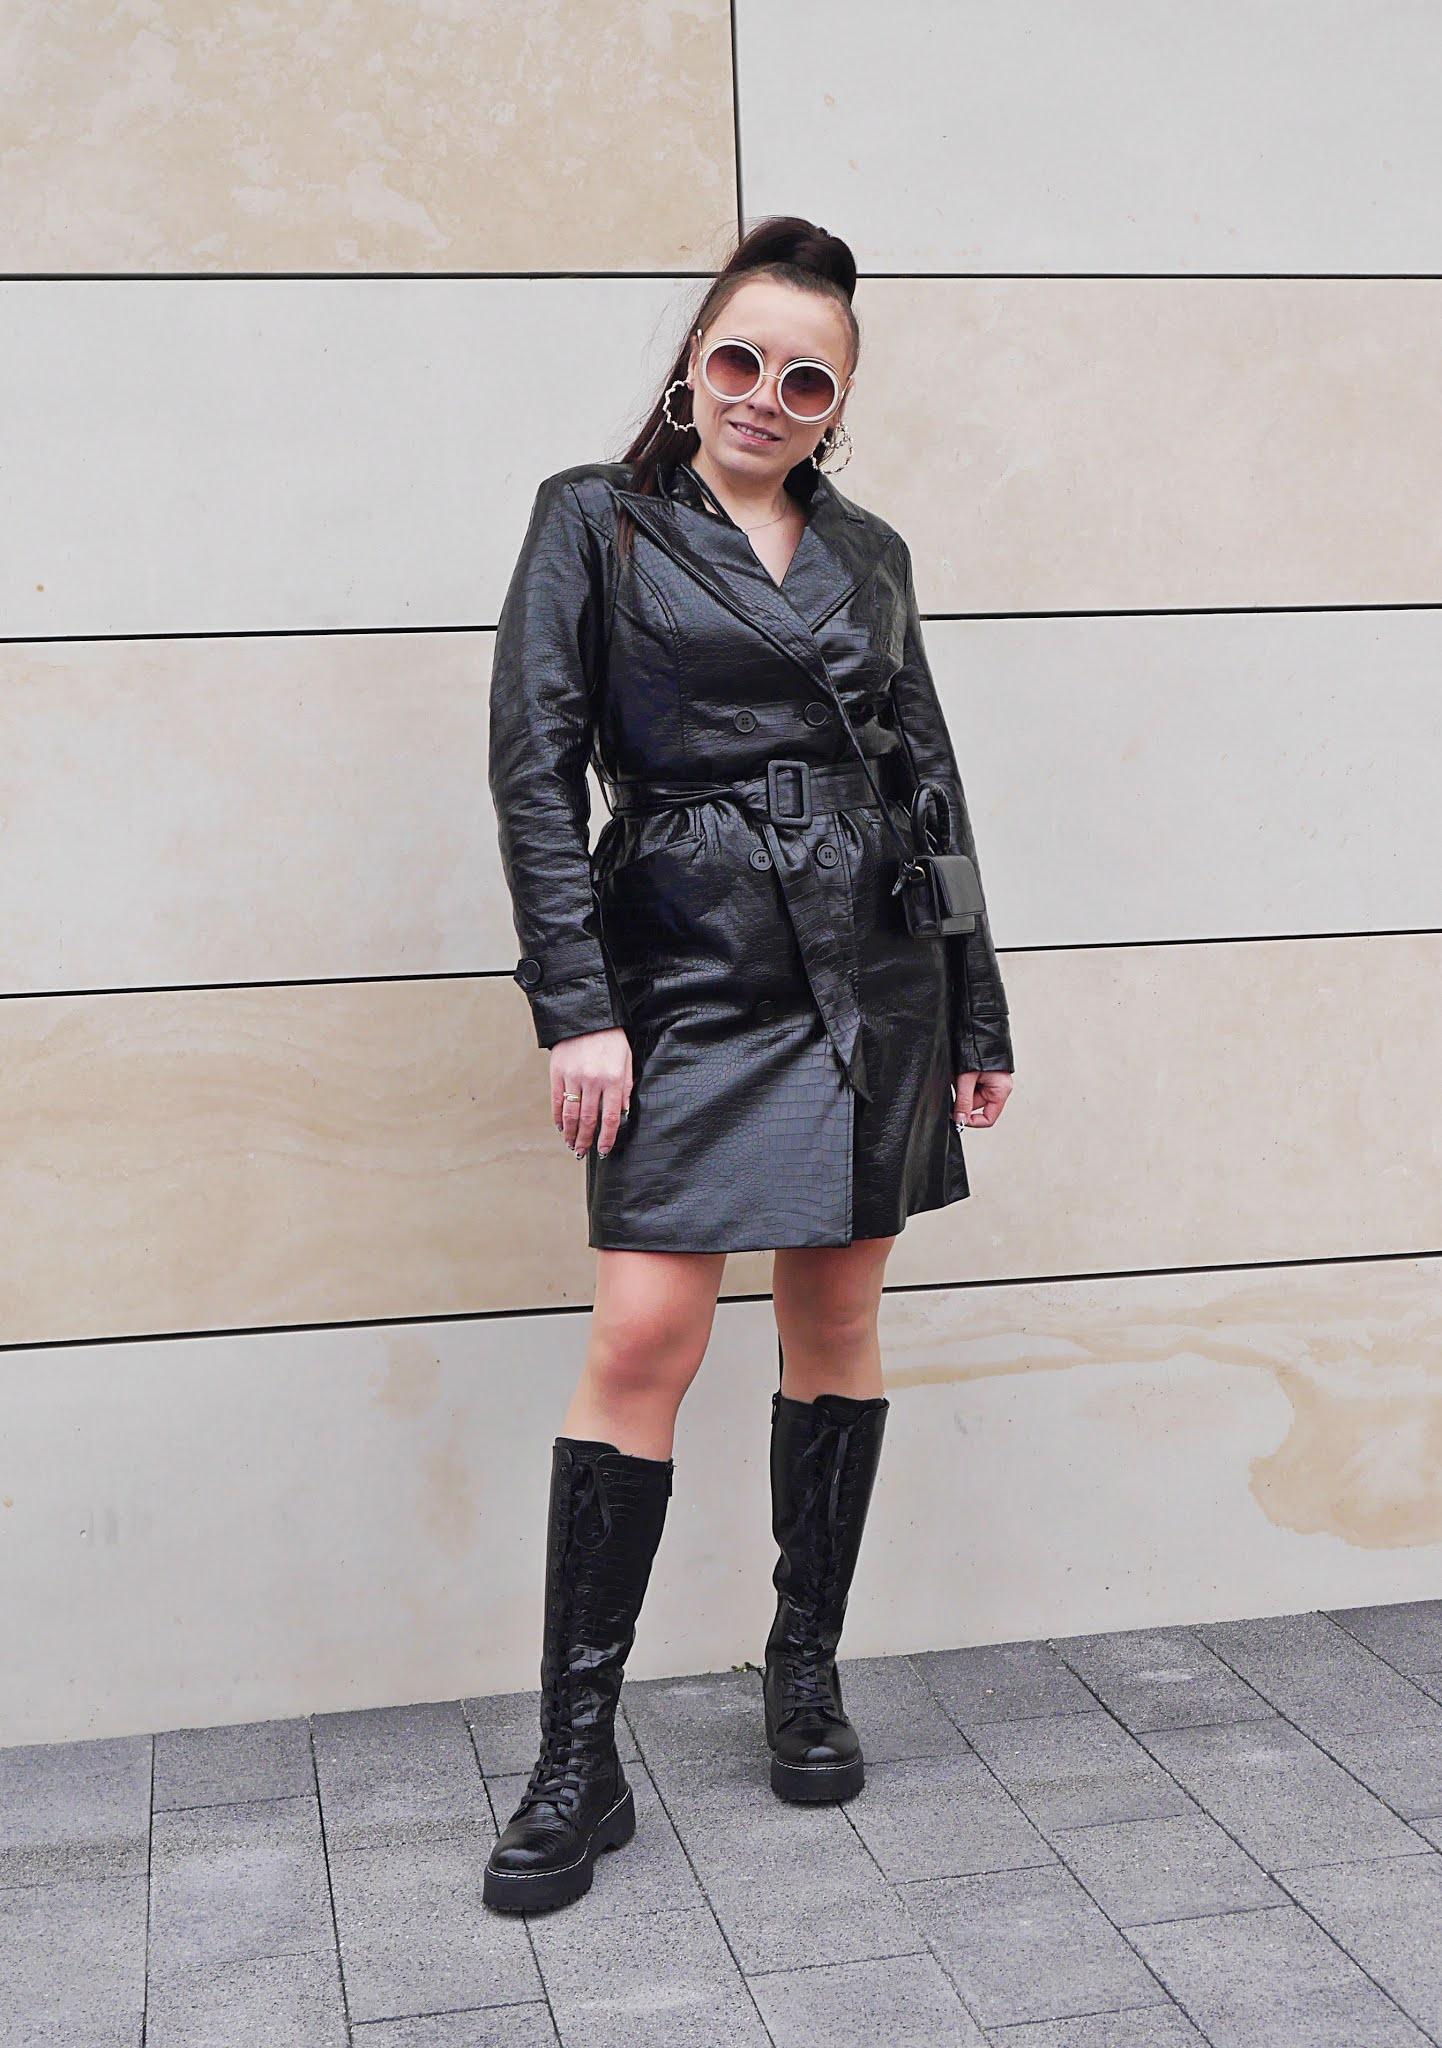 Blog modowy blogerka modowa karyn puławy skórzany wiązany płaszcz skóa węża bonprix wiązane kozaki ccc mała torebka okulary przeciwsłoneczne